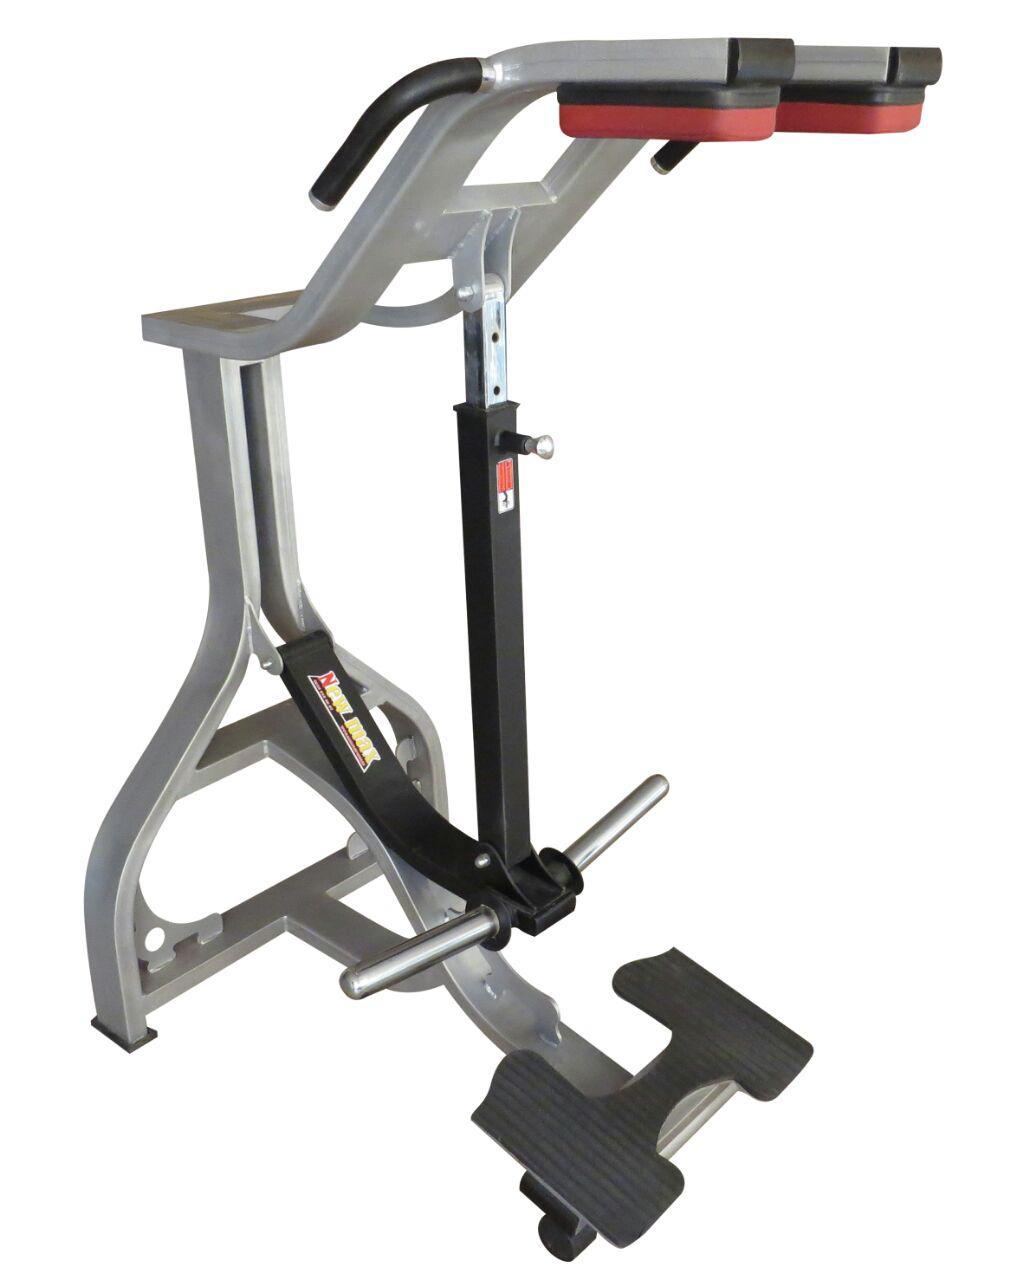 دستگاه بدنسازی ساق پا ایستاده دستگاه ها و تجهیزات بدنسازی